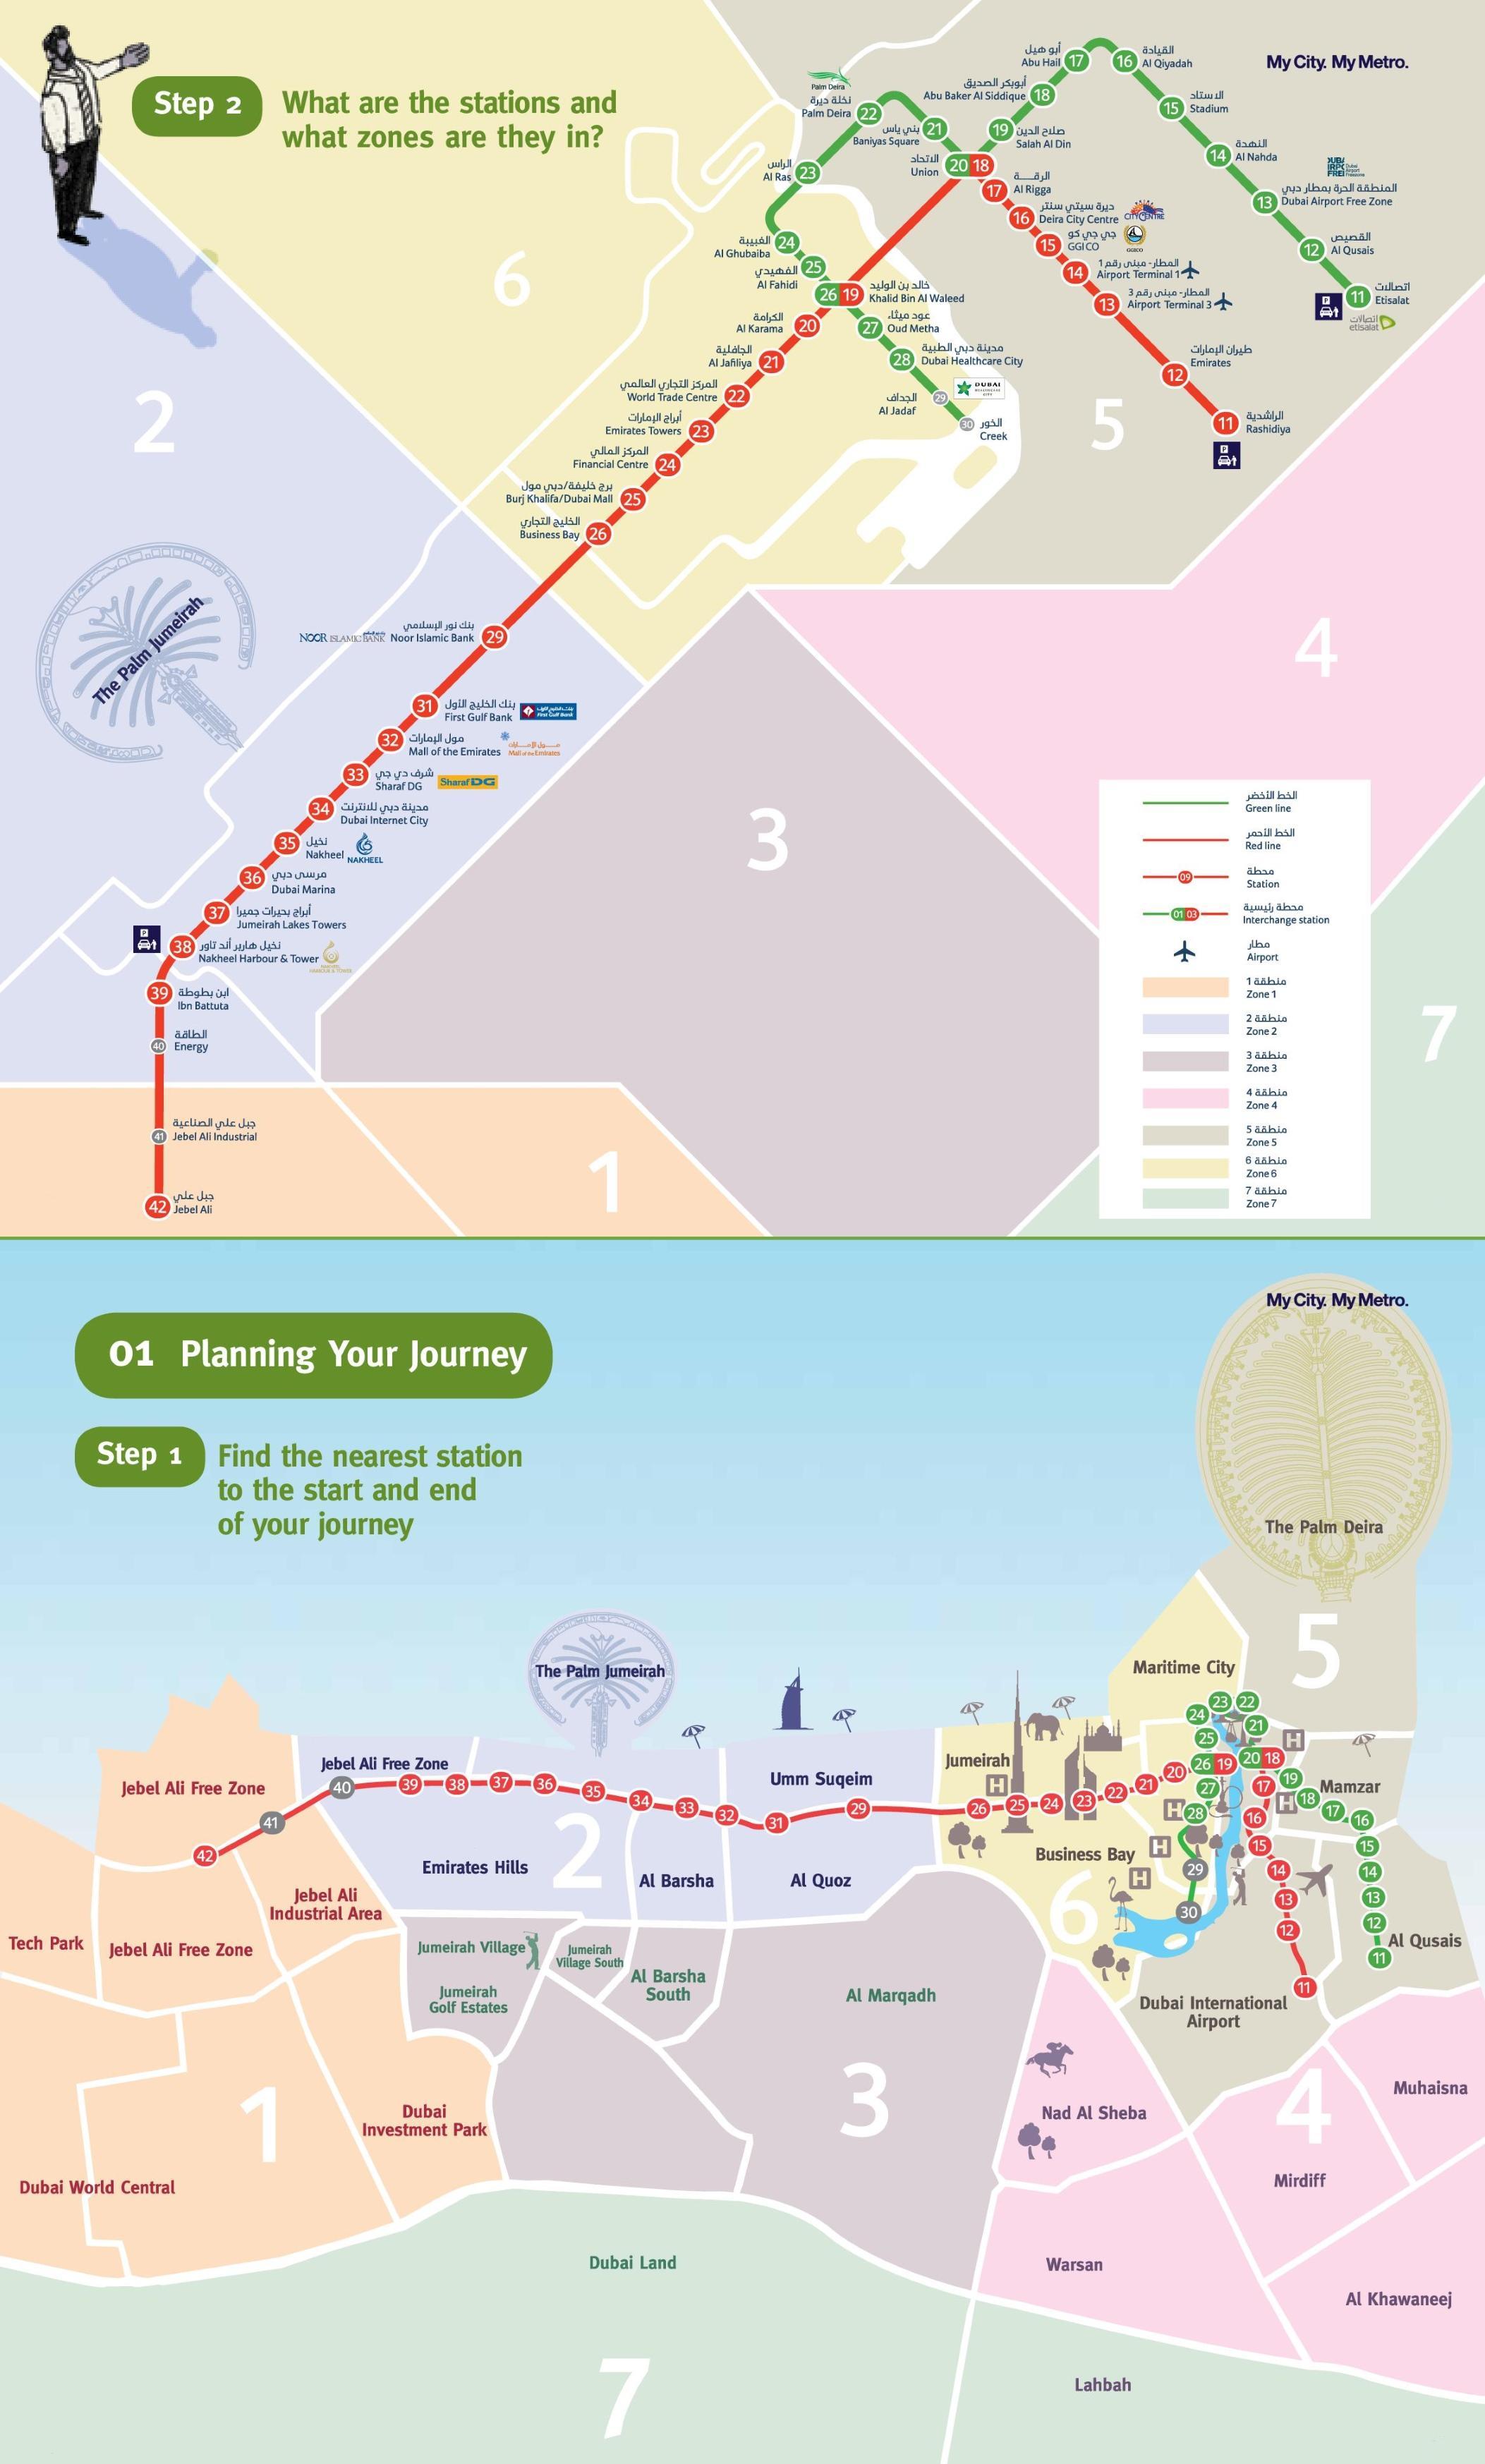 دبي محطة مترو خريطة محطة مترو خريطة دبي الإمارات العربية المتحدة